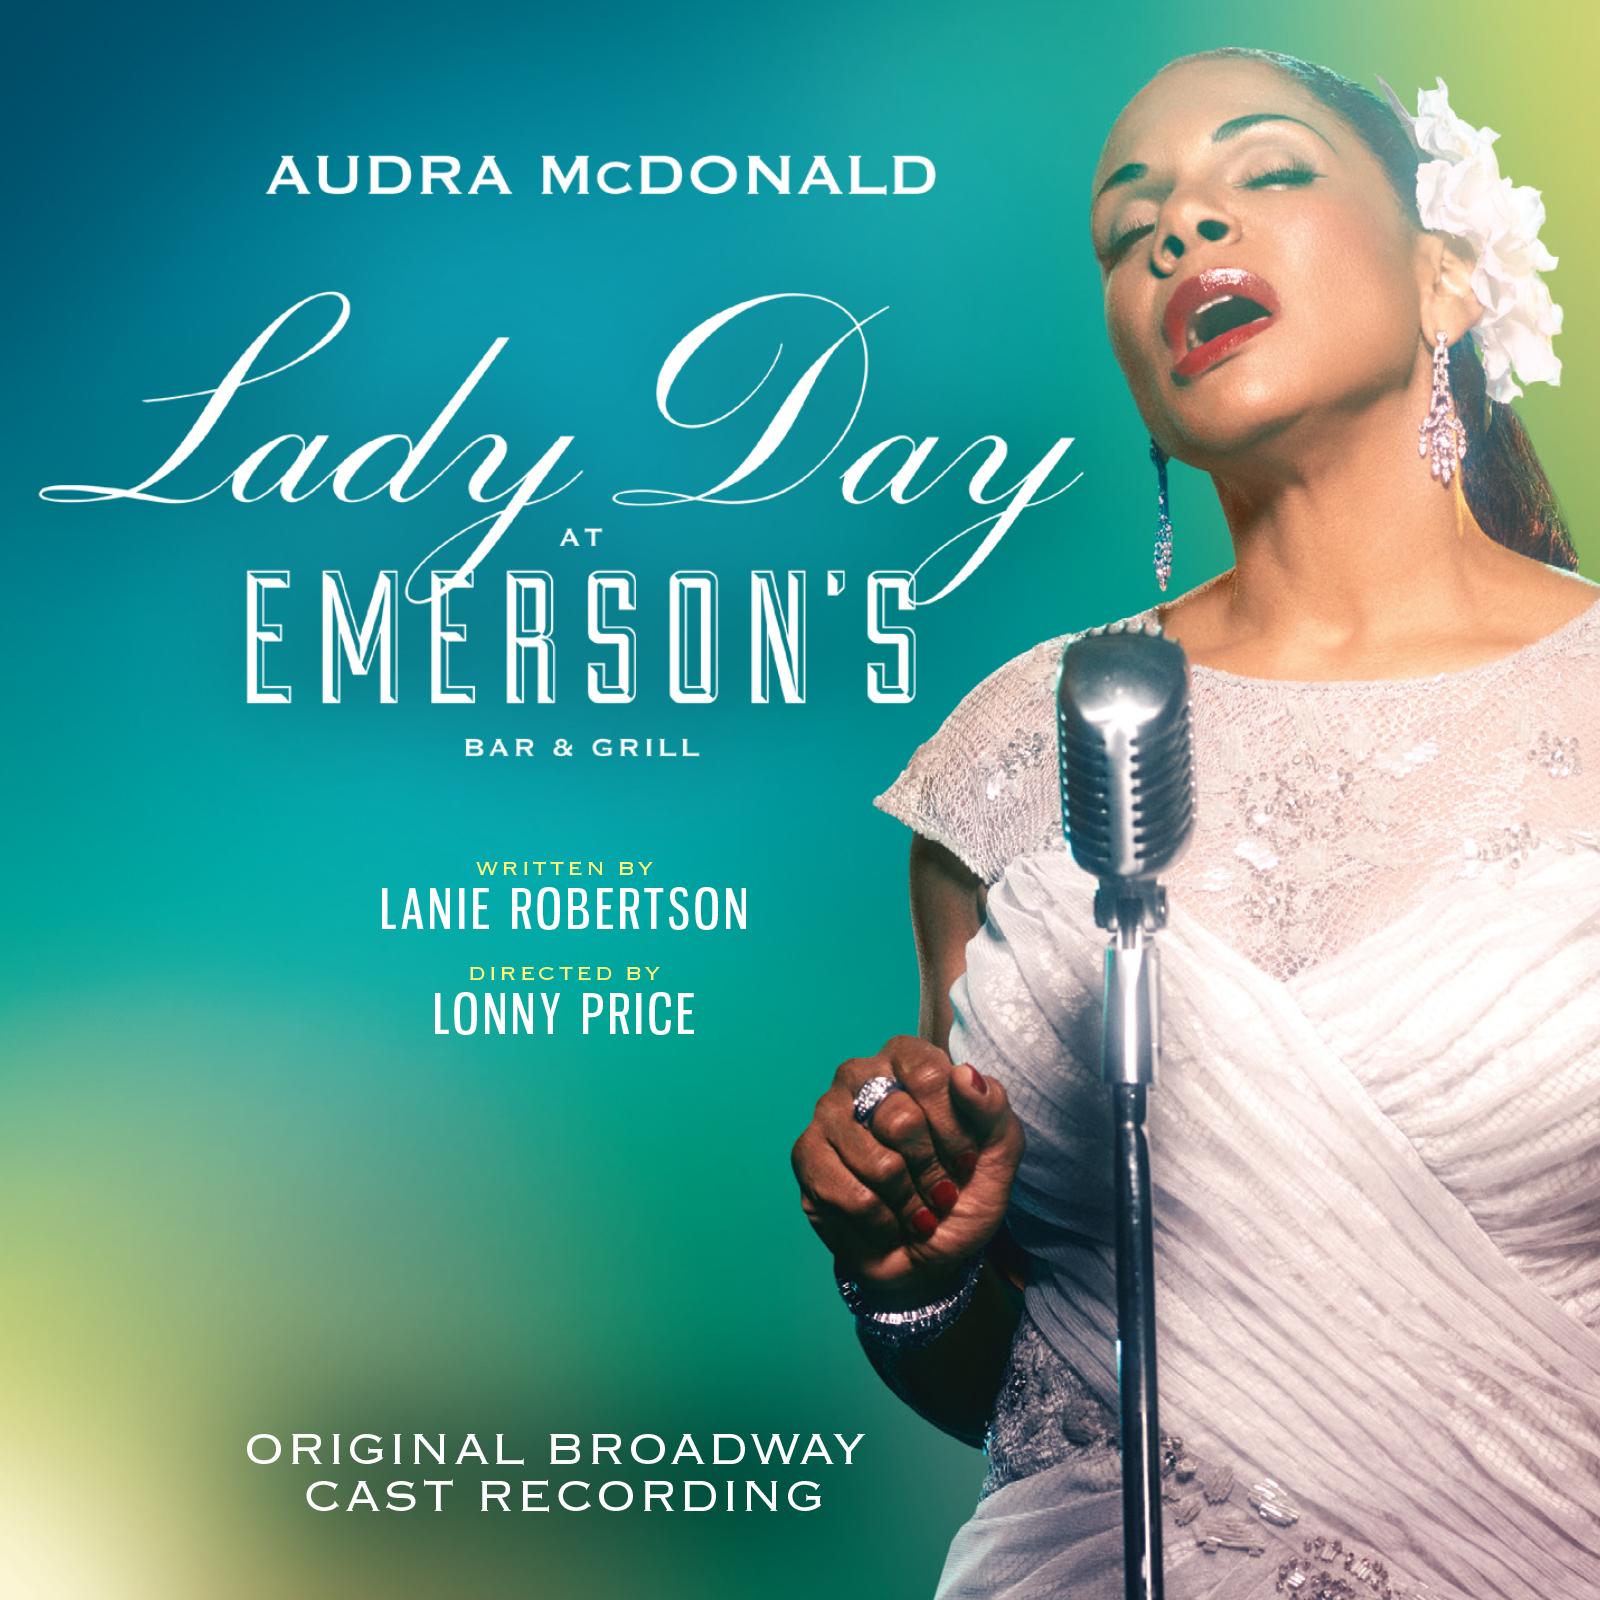 Audra McDonald recordings